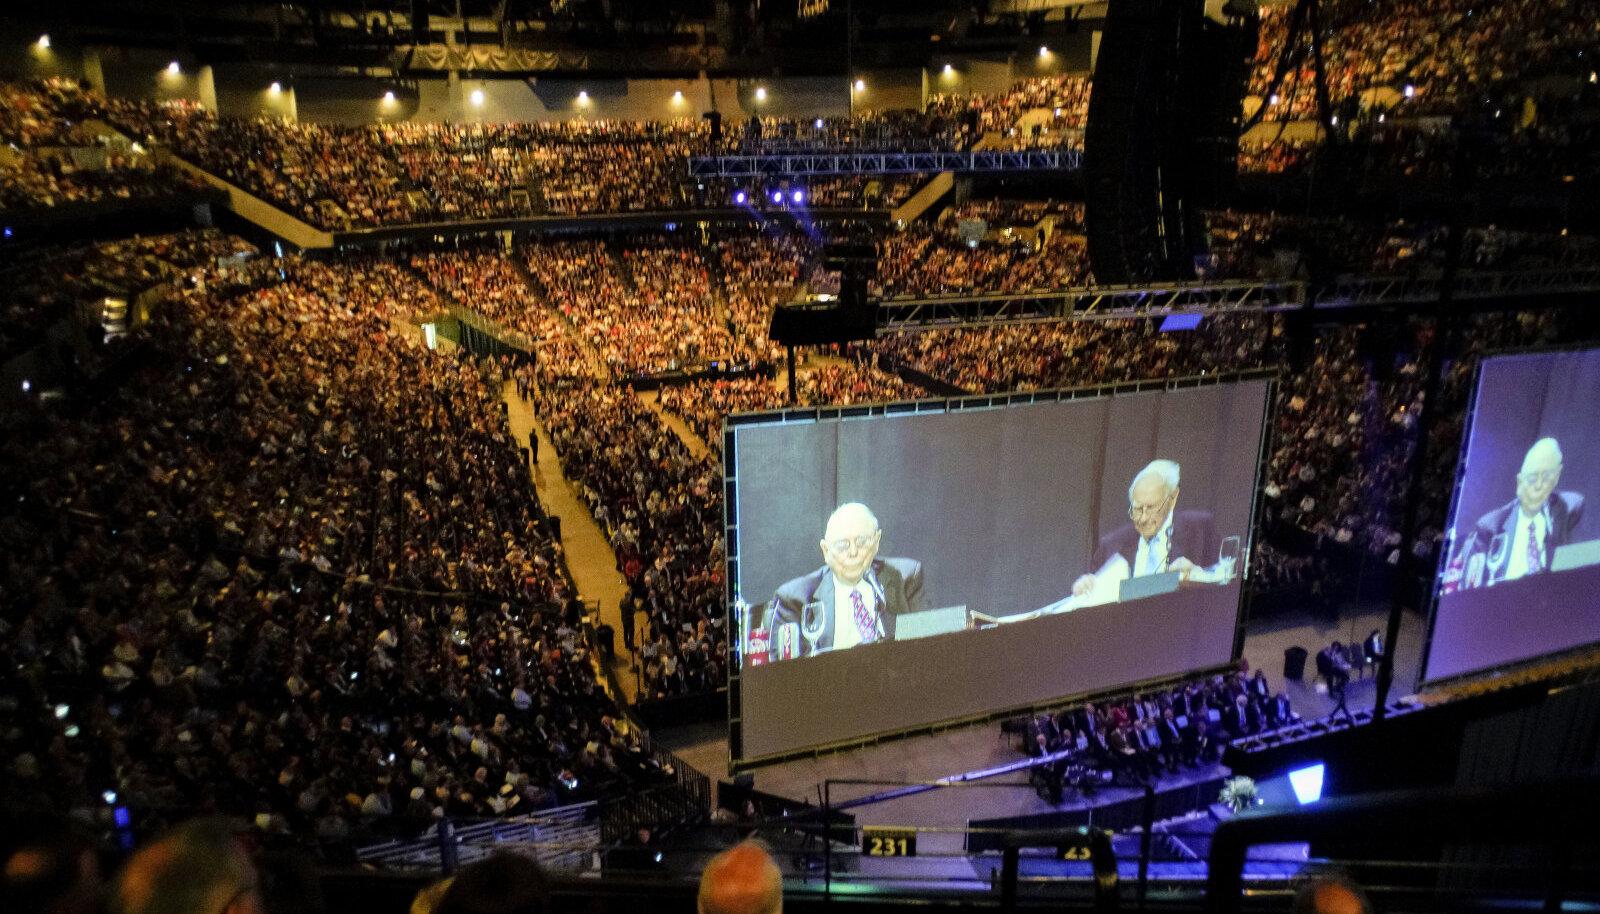 Berkshire Hathaway läinud aasta aktsionäride üldkoosolek läks täissaalile